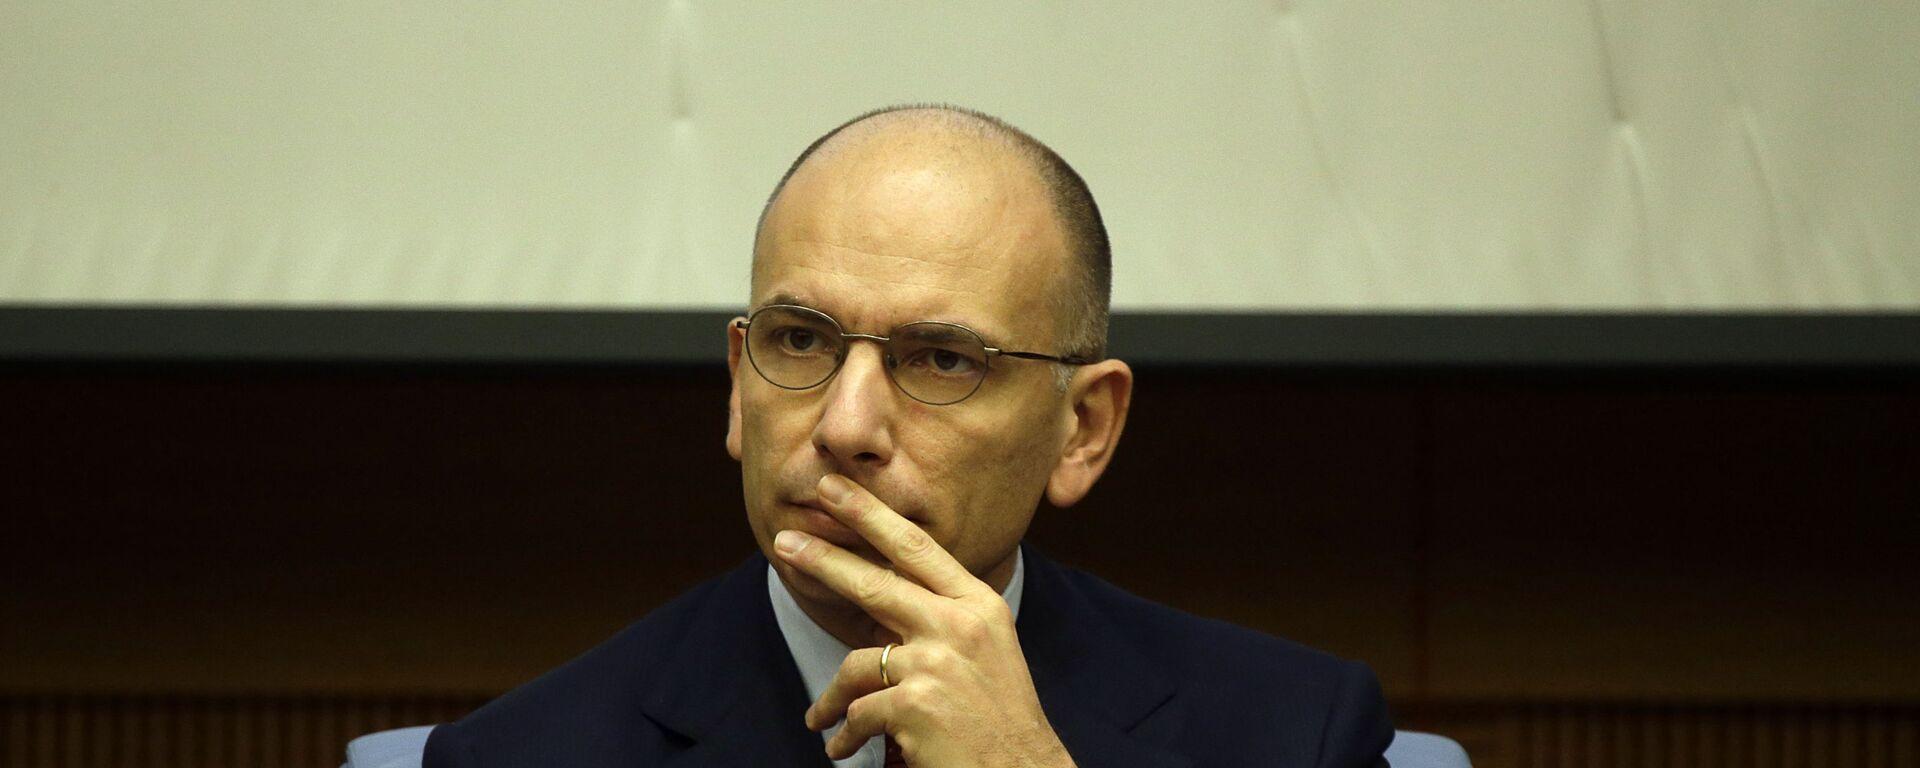 Enrico Letta, segretario del Partito Democratico - Sputnik Italia, 1920, 11.04.2021